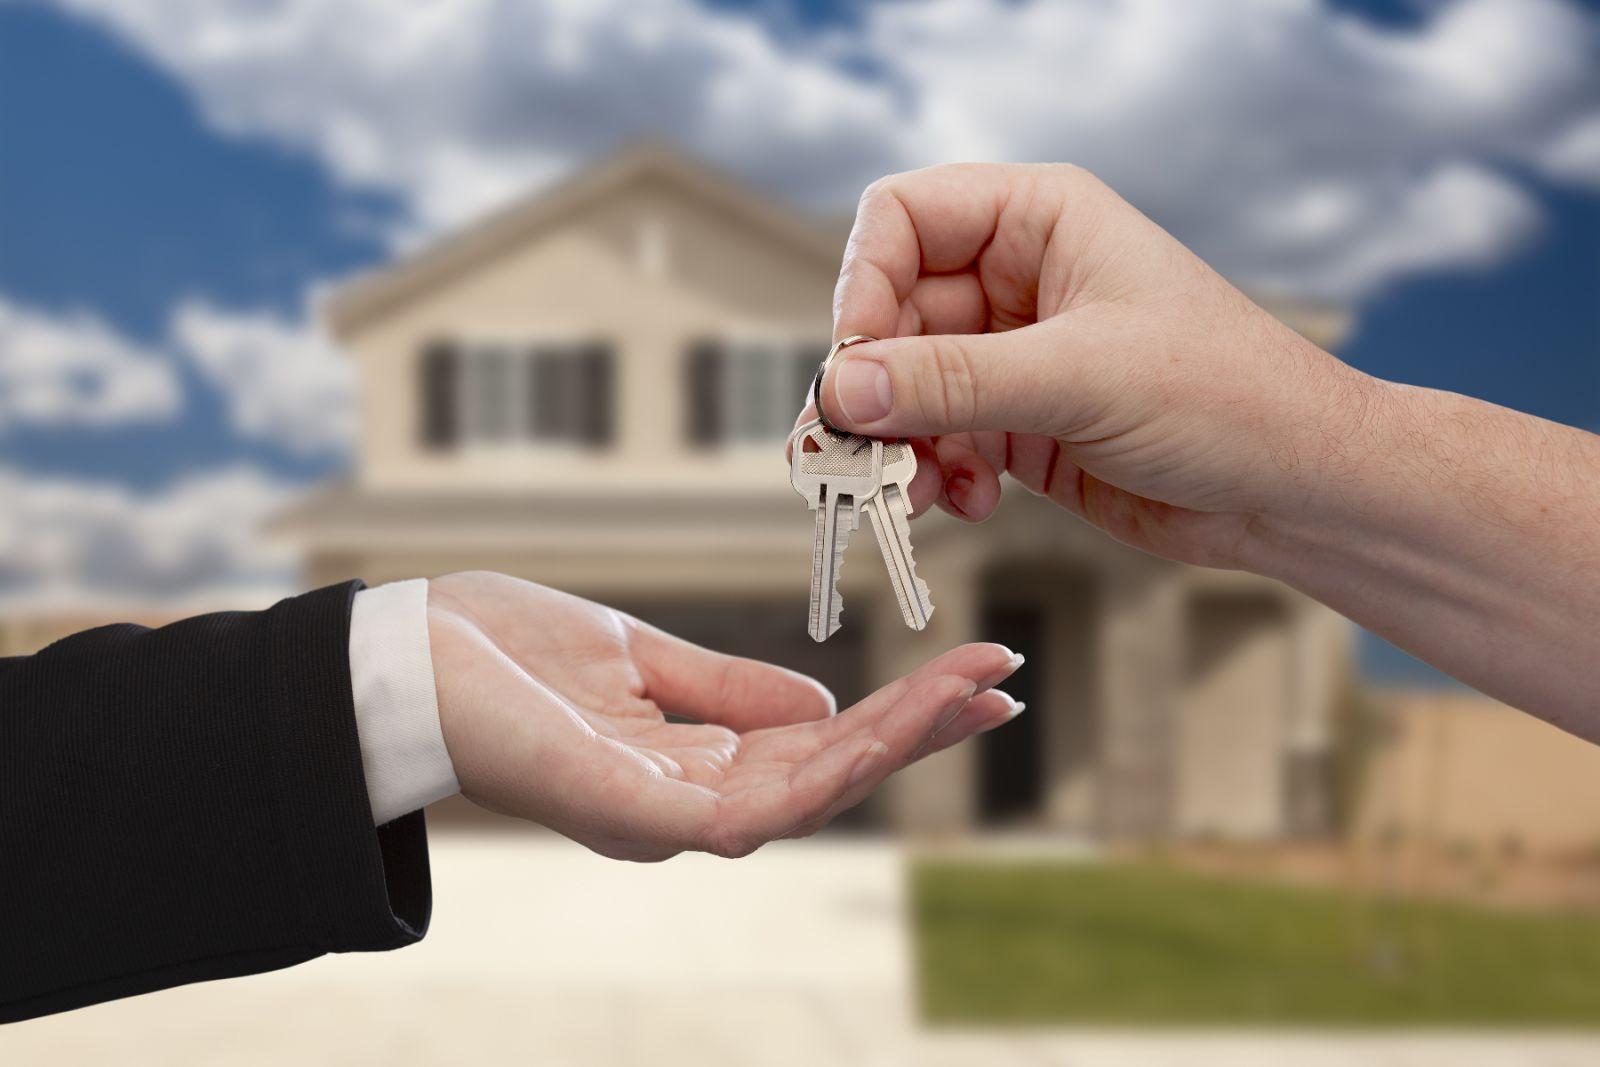 Cопровождение сделок c загородной недвижимостью в 2017 г.